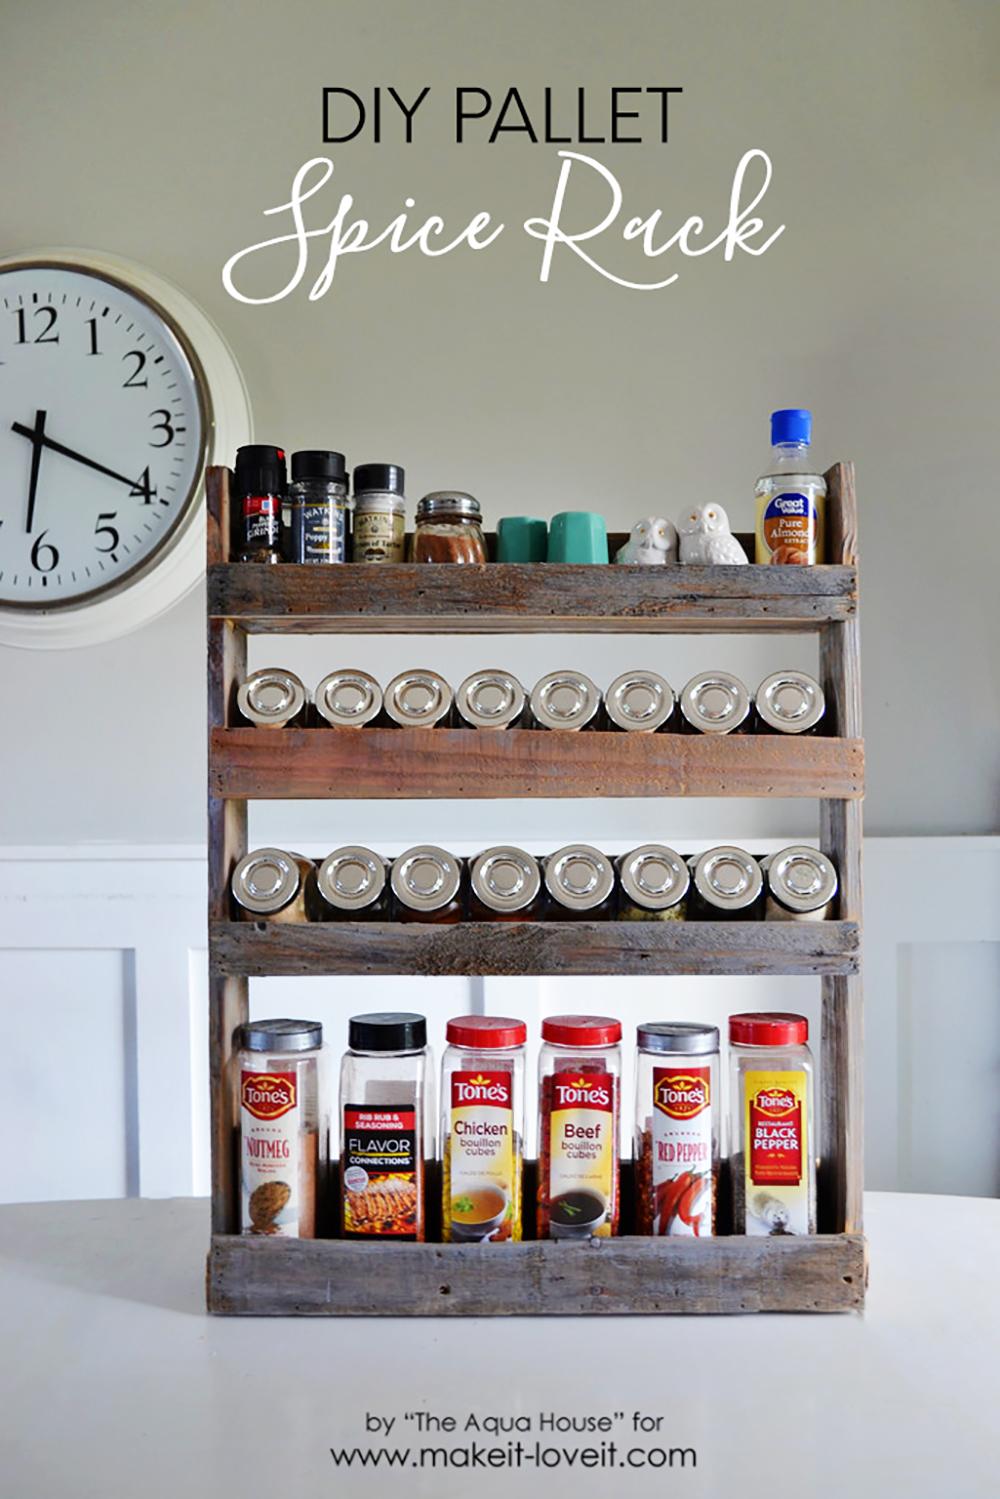 image of DIY Pallet Spice Rack